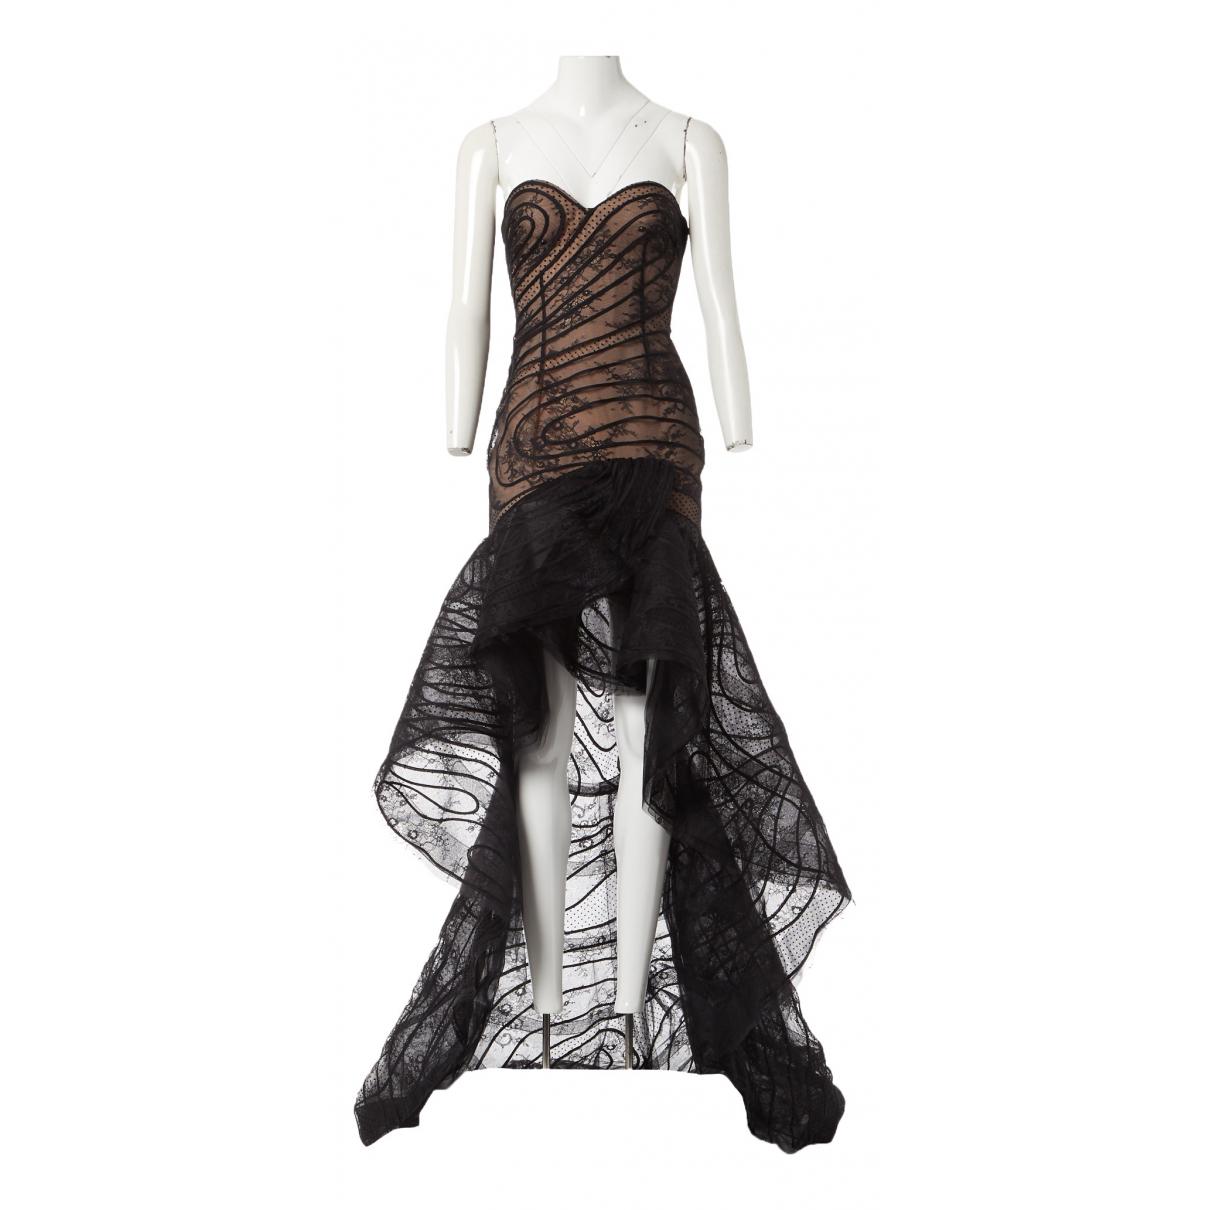 Oscar De La Renta N Black dress for Women 4 US